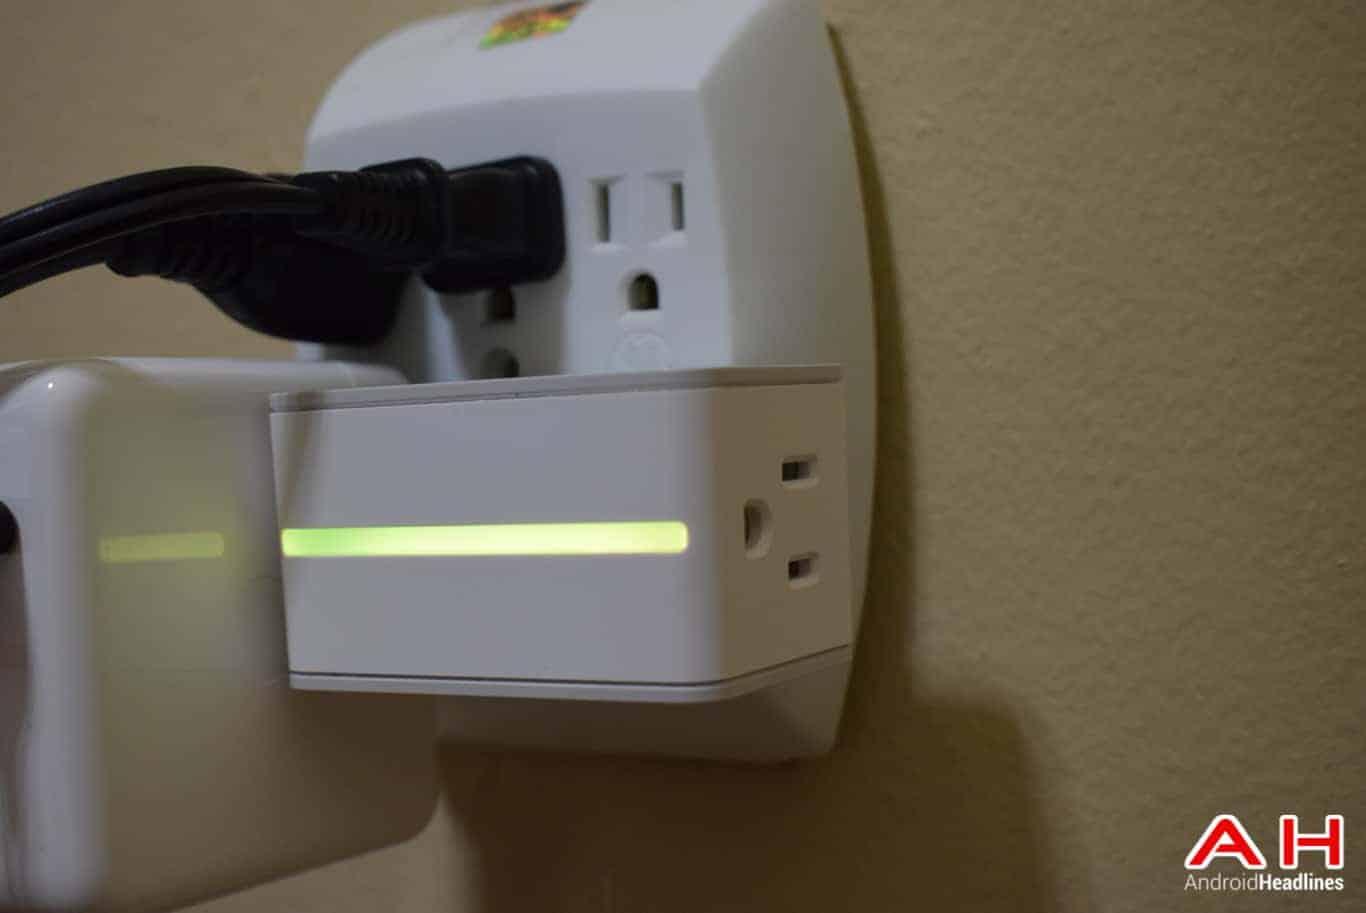 Save Some Energy, Gift A Smart Plug This Holiday Season